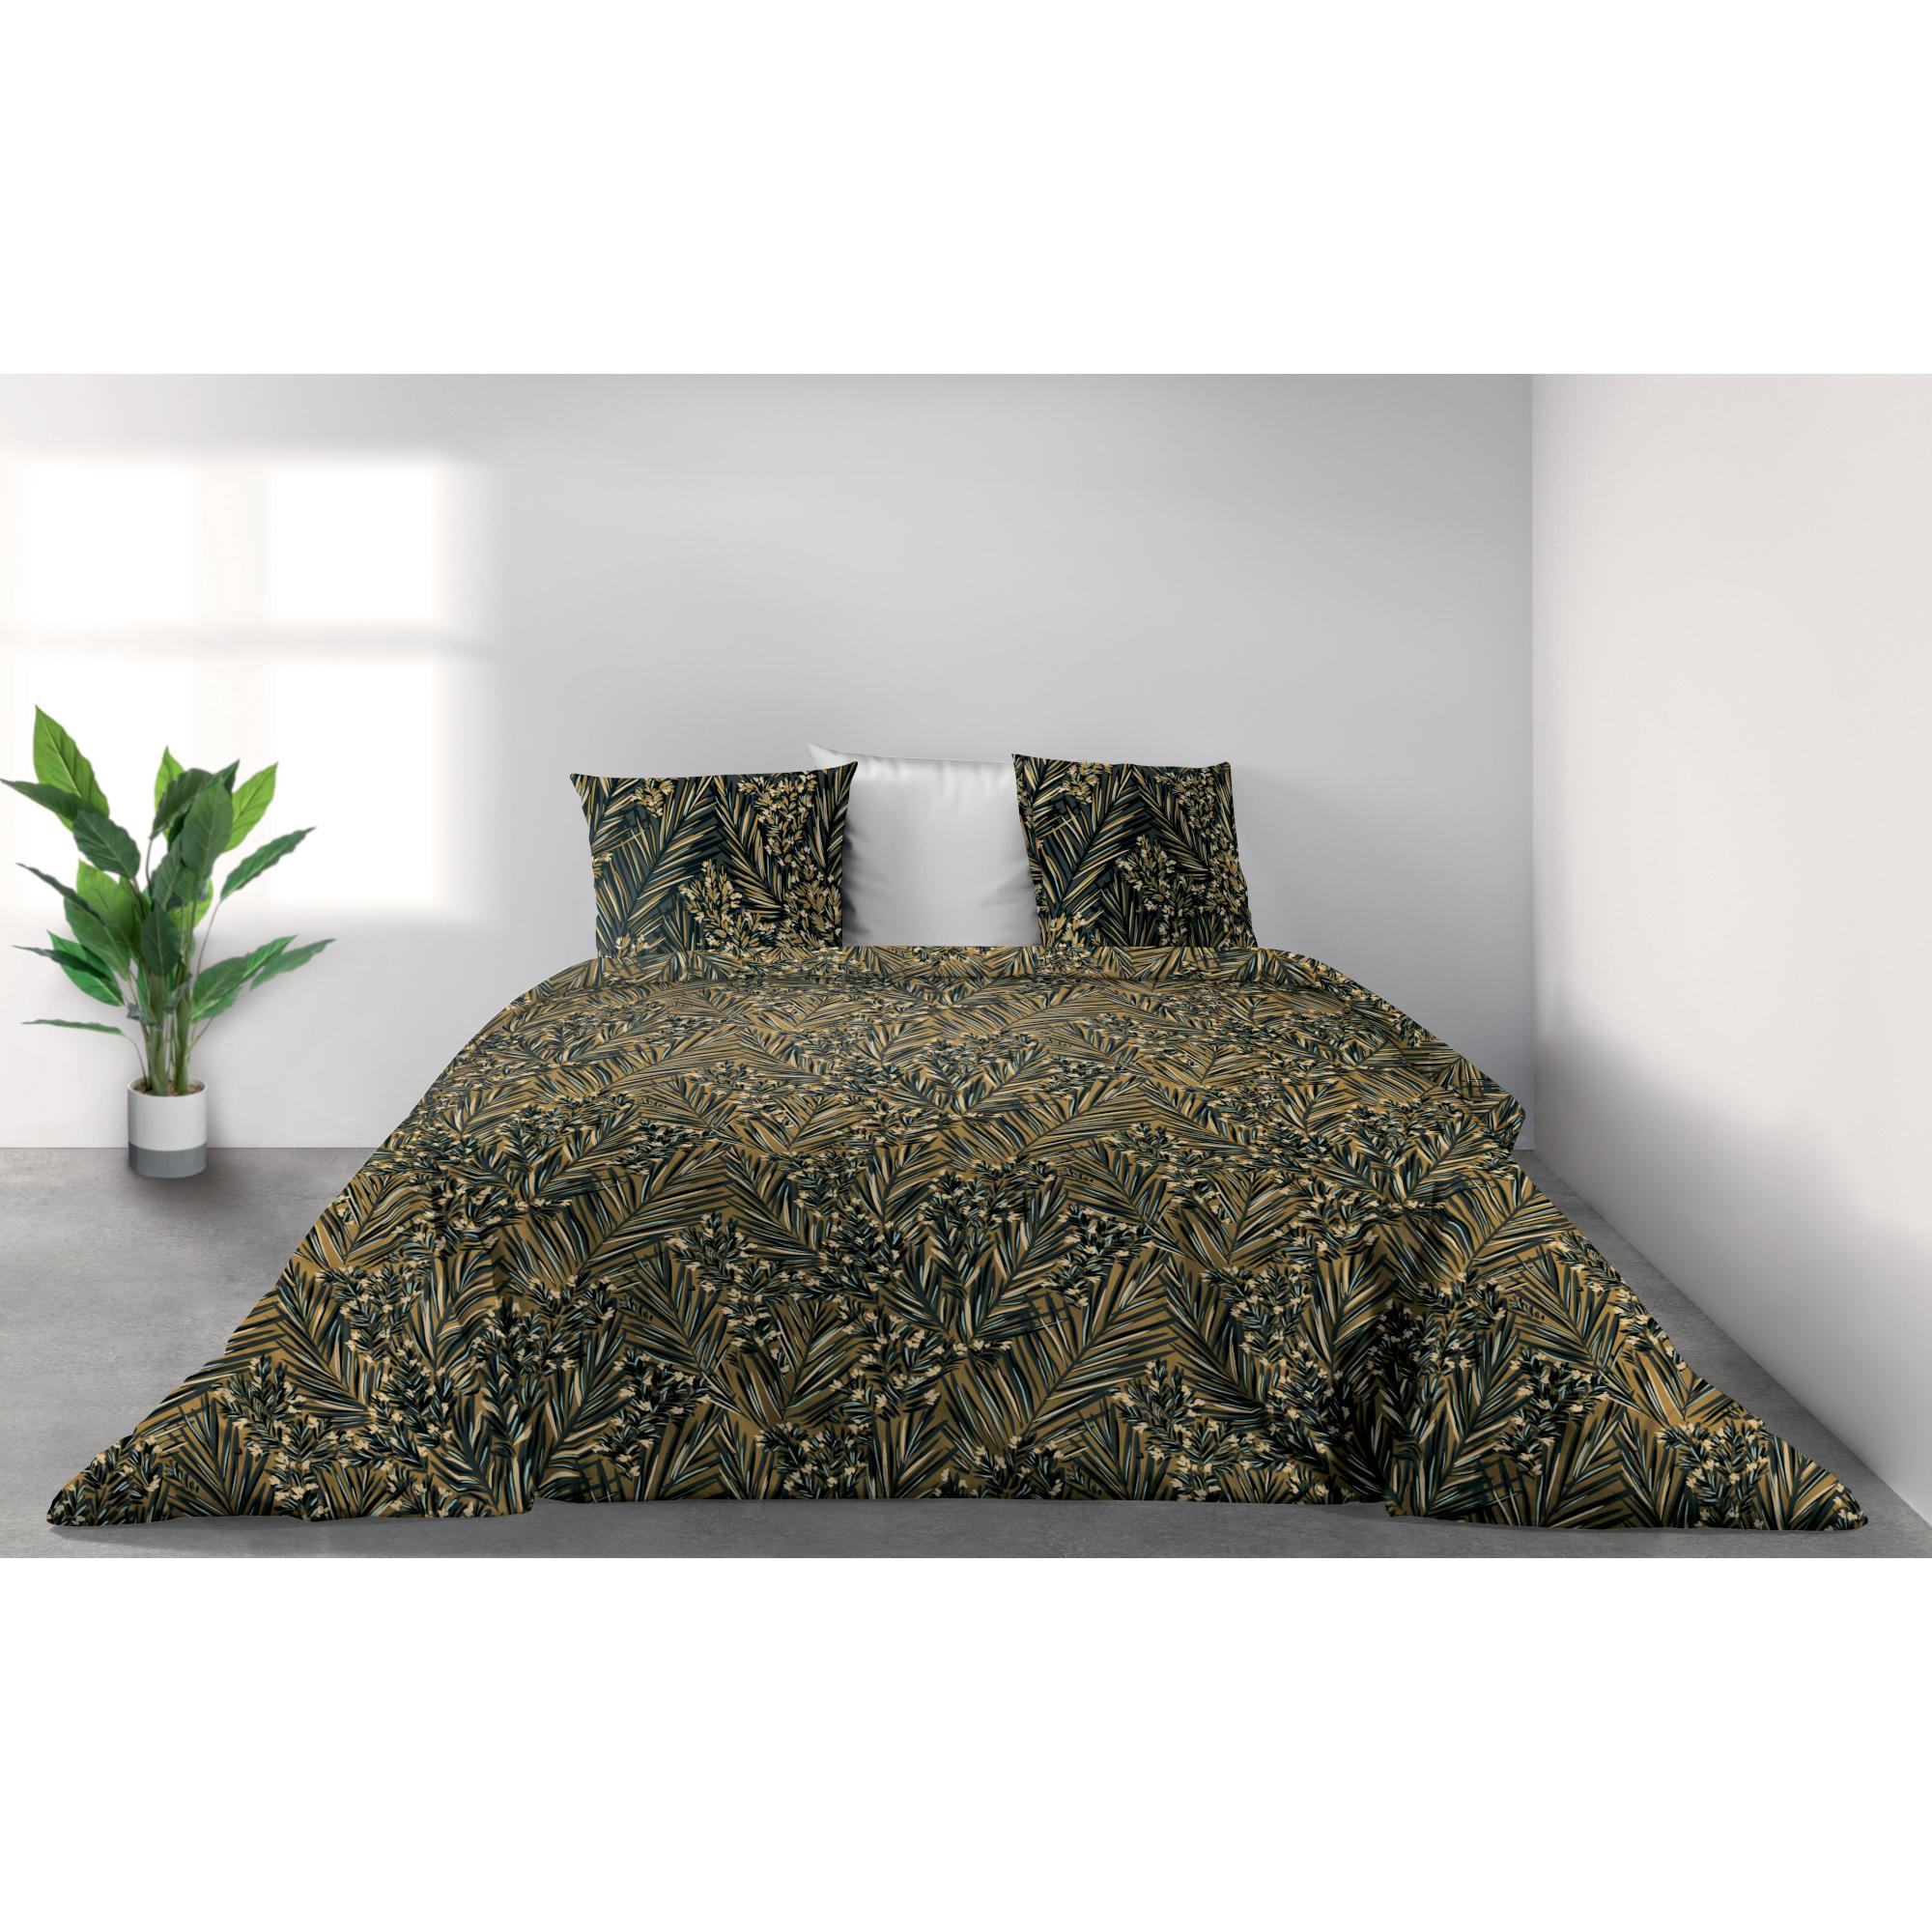 Parure de lit Bio 2 personnes Nava avec housse de couette et taies d'oreiller Imprimé 240 x 220